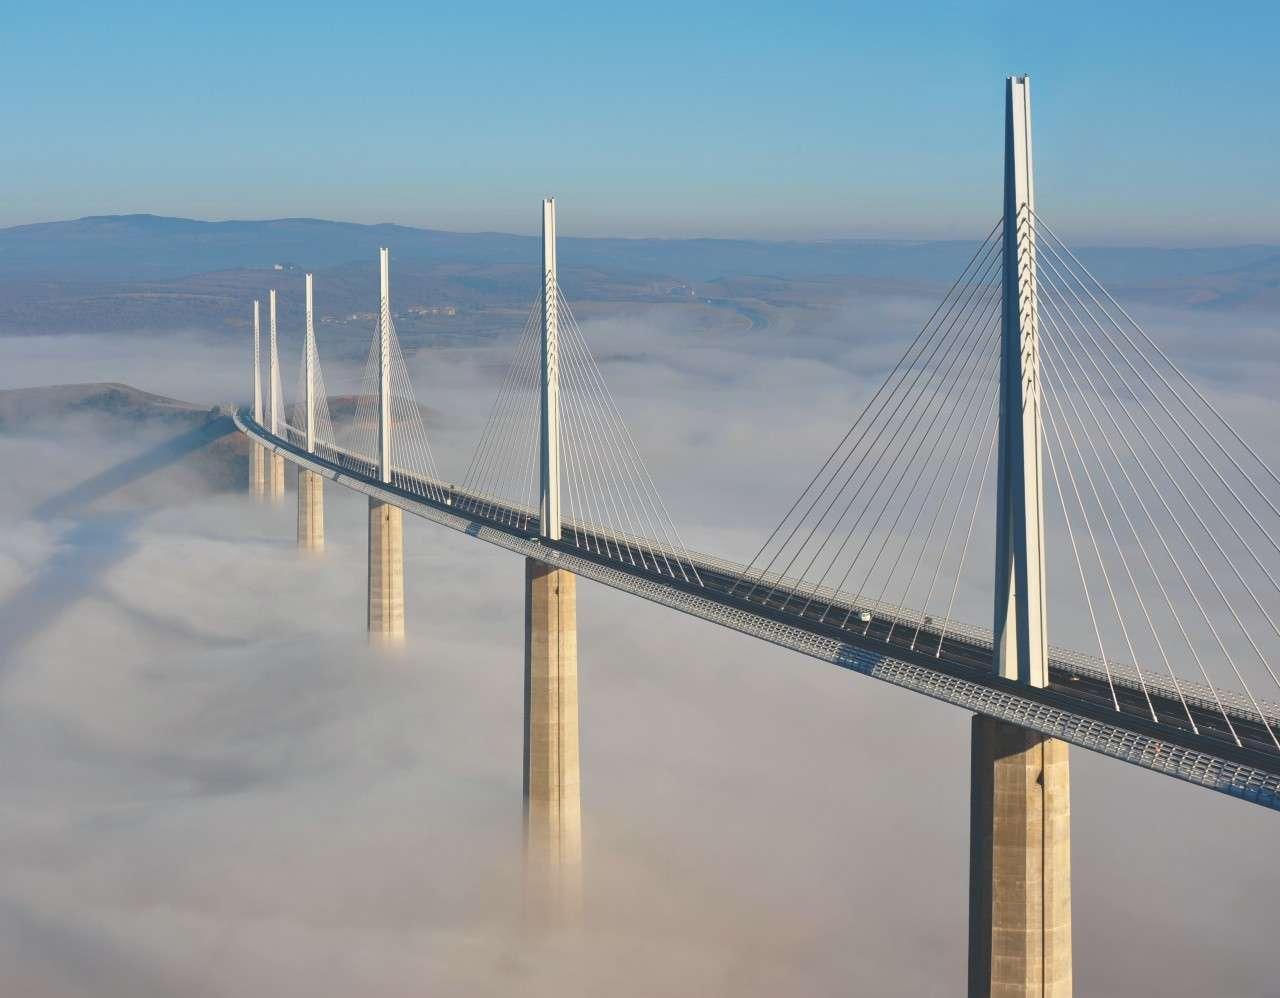 Γέφυρα Tου Μίγιο εντυπωσιακές κατασκευές